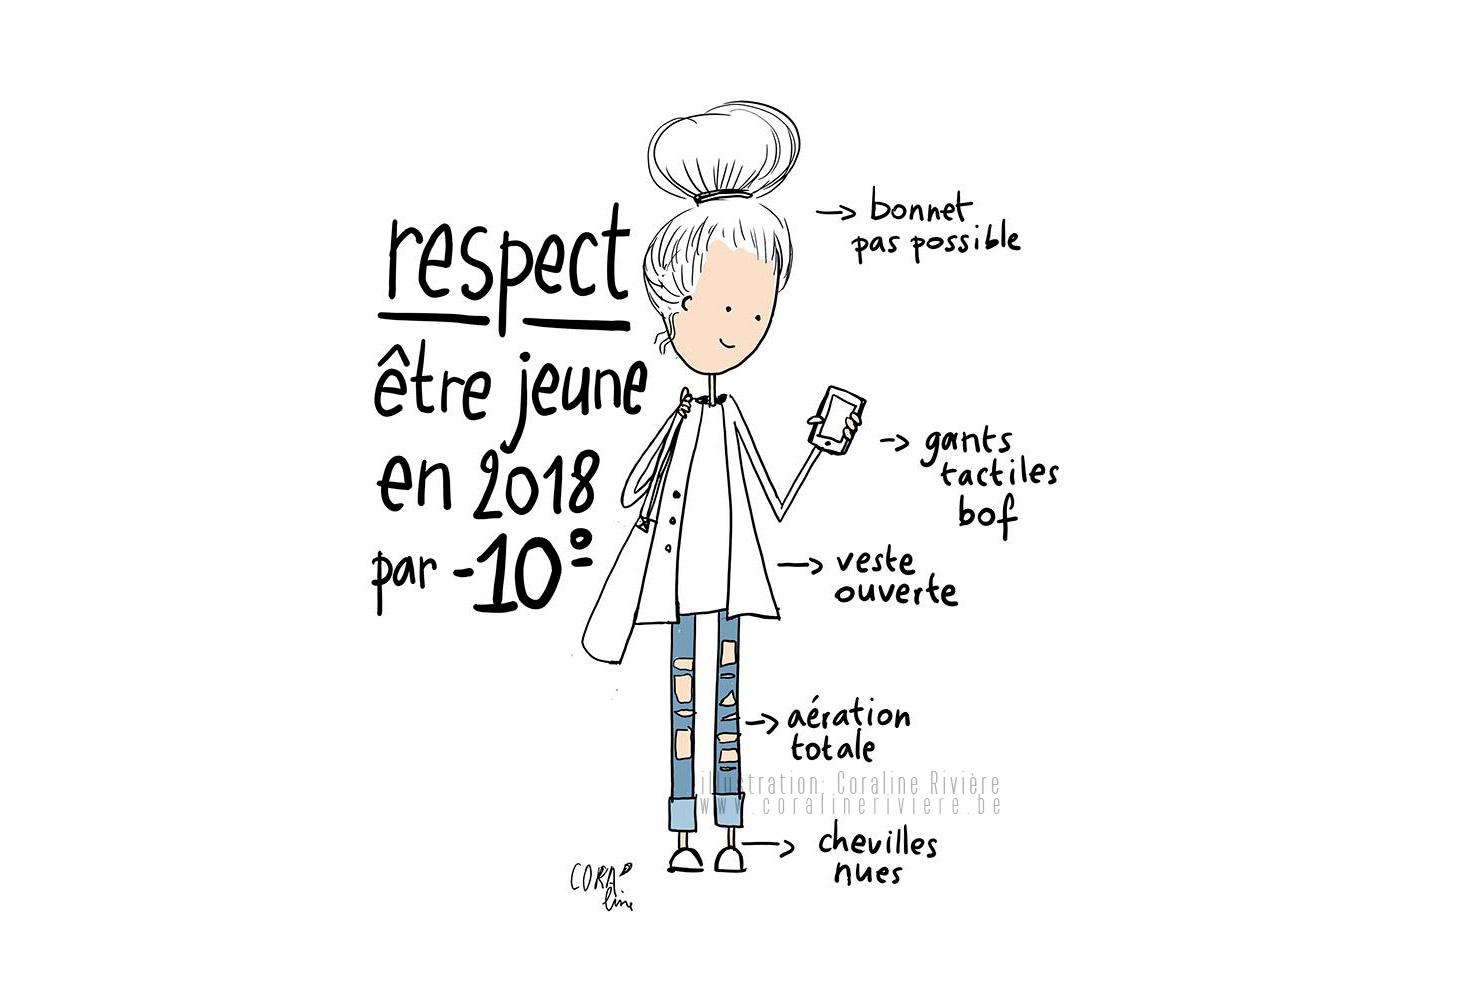 dessin humoristique coraline riviere hiver 2018 mode fashion trous jeans avoir froid mais etre a la mode1